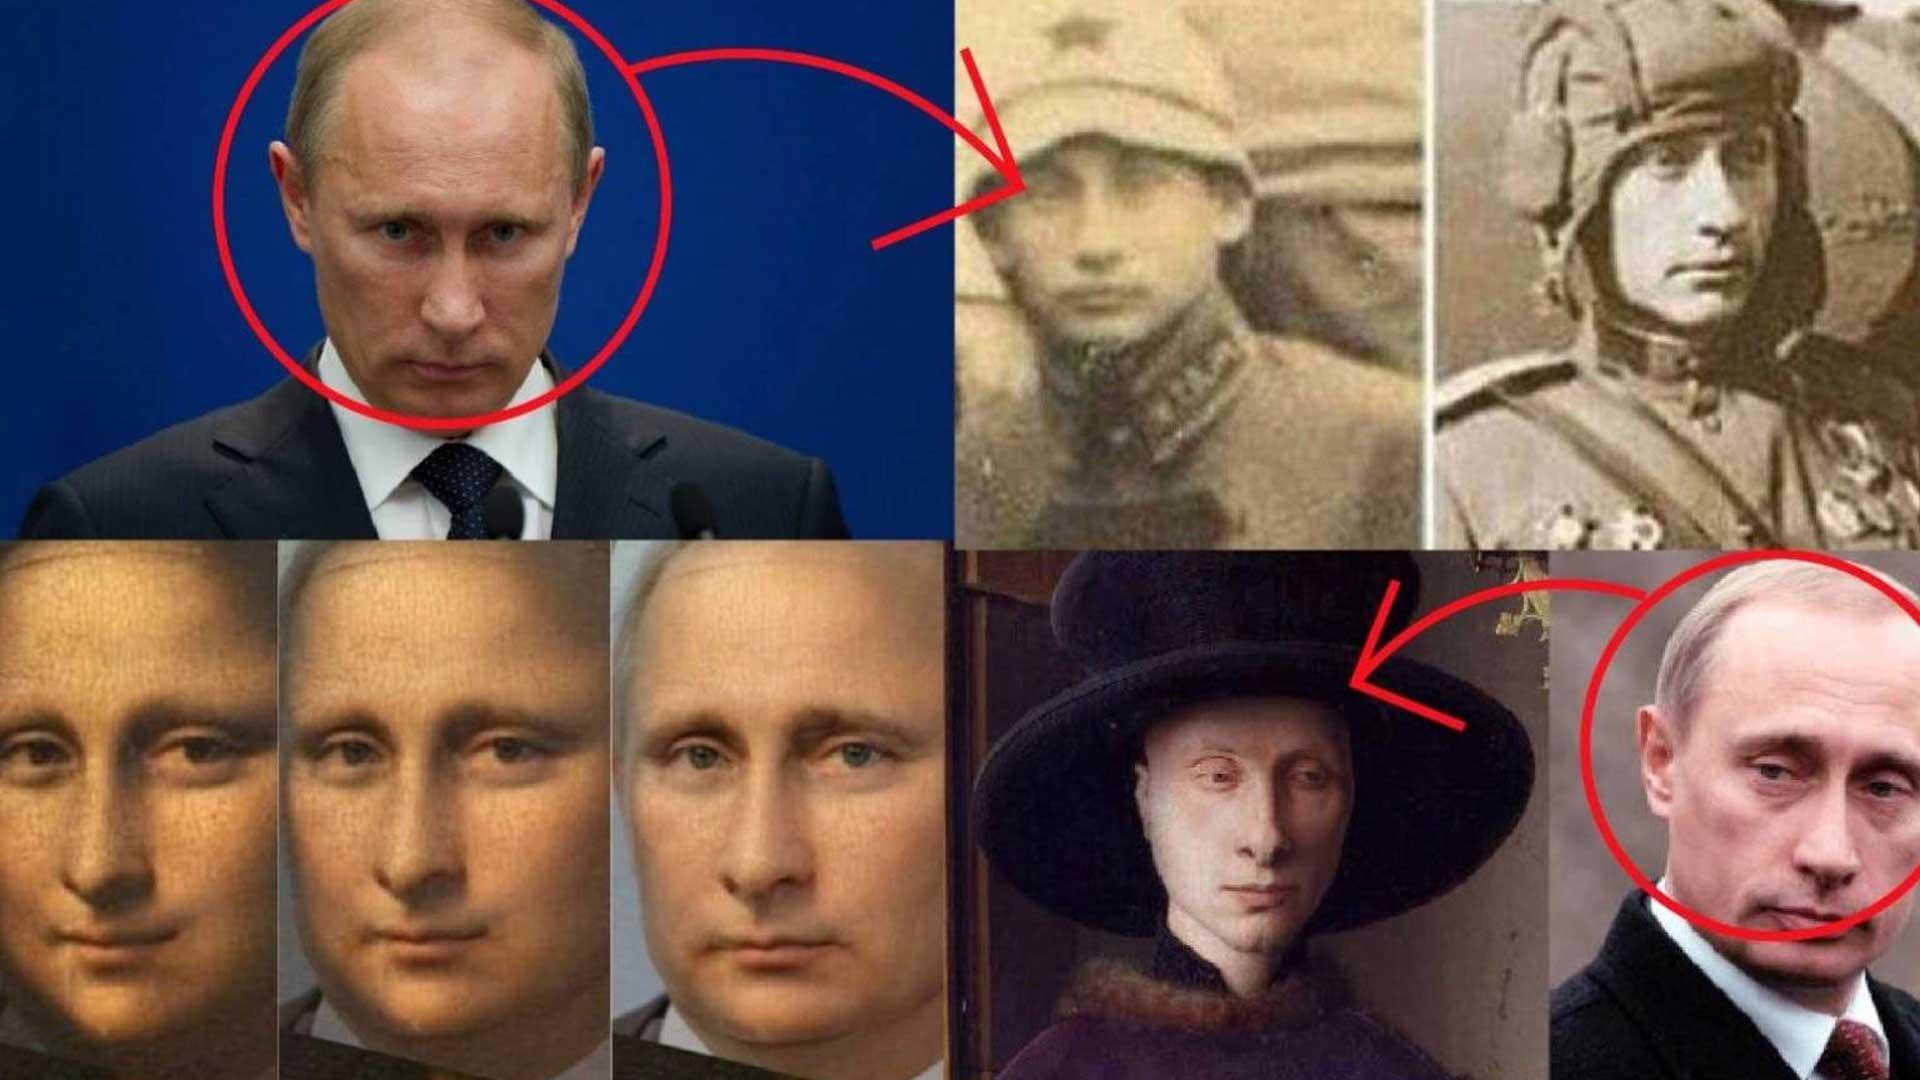 Nueva teoría que te hará recapacitar ¿Vladimir Putin es un ser inmortal?